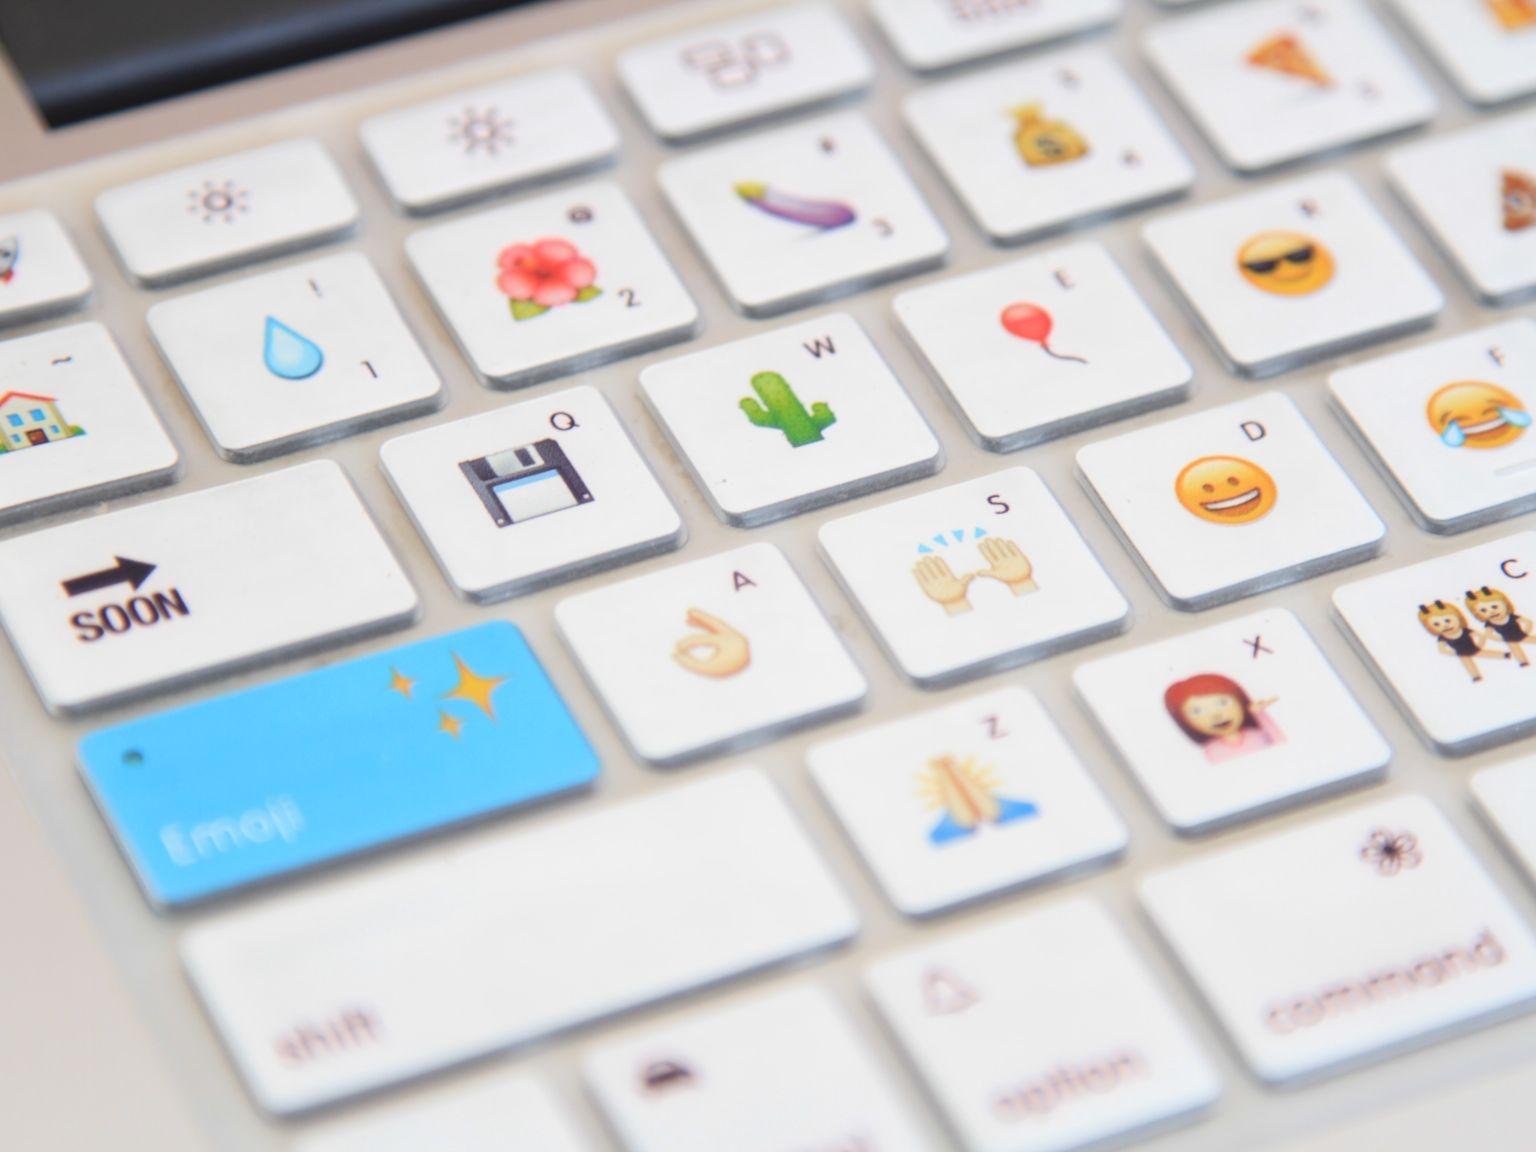 The Emoji Keyboard Type Emoji On Your Mac Emoji Keyboard Keyboard Stickers Keyboard